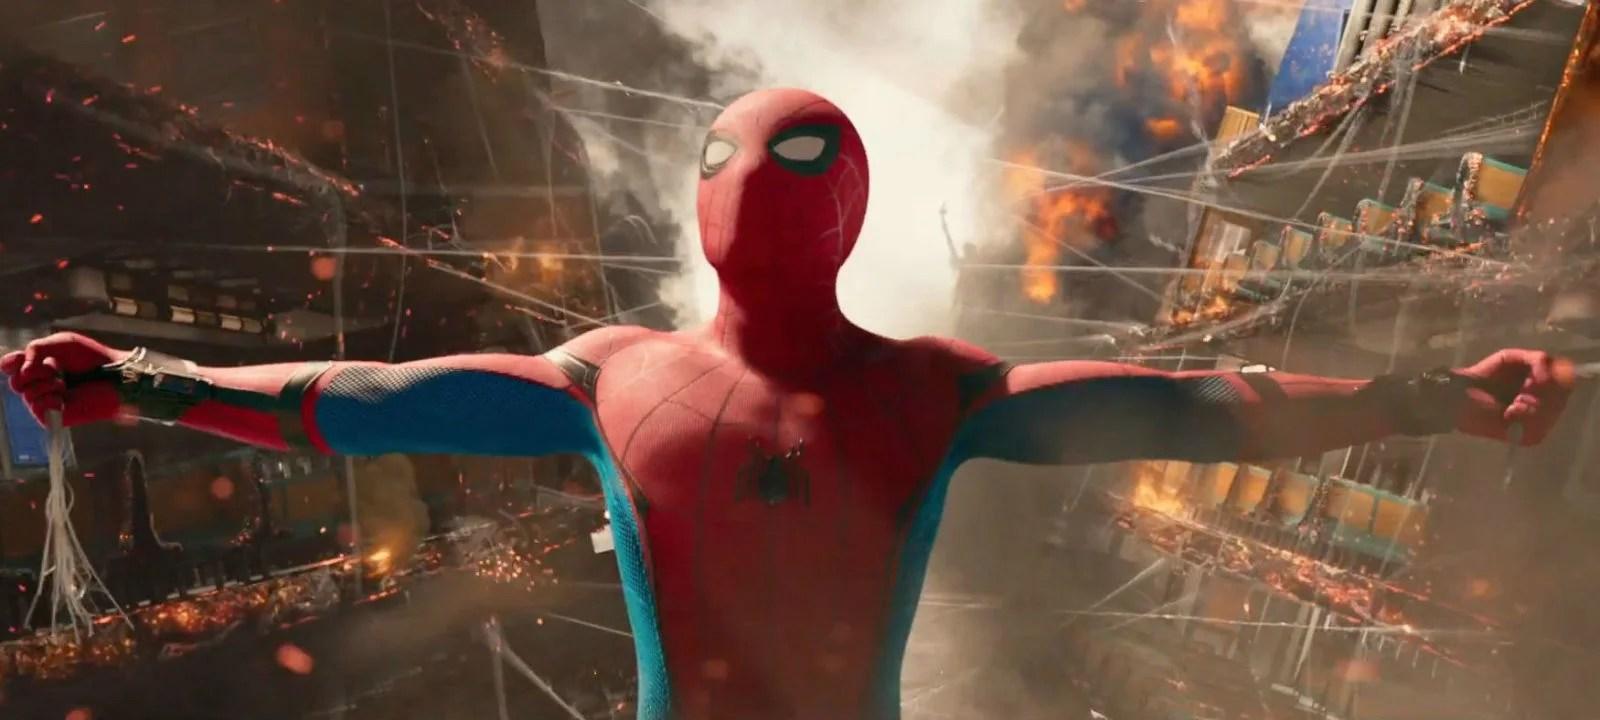 院線影評/《蜘蛛人:返校日》:應有盡有的超級英雄新標竿 - Punchline 娛樂重擊